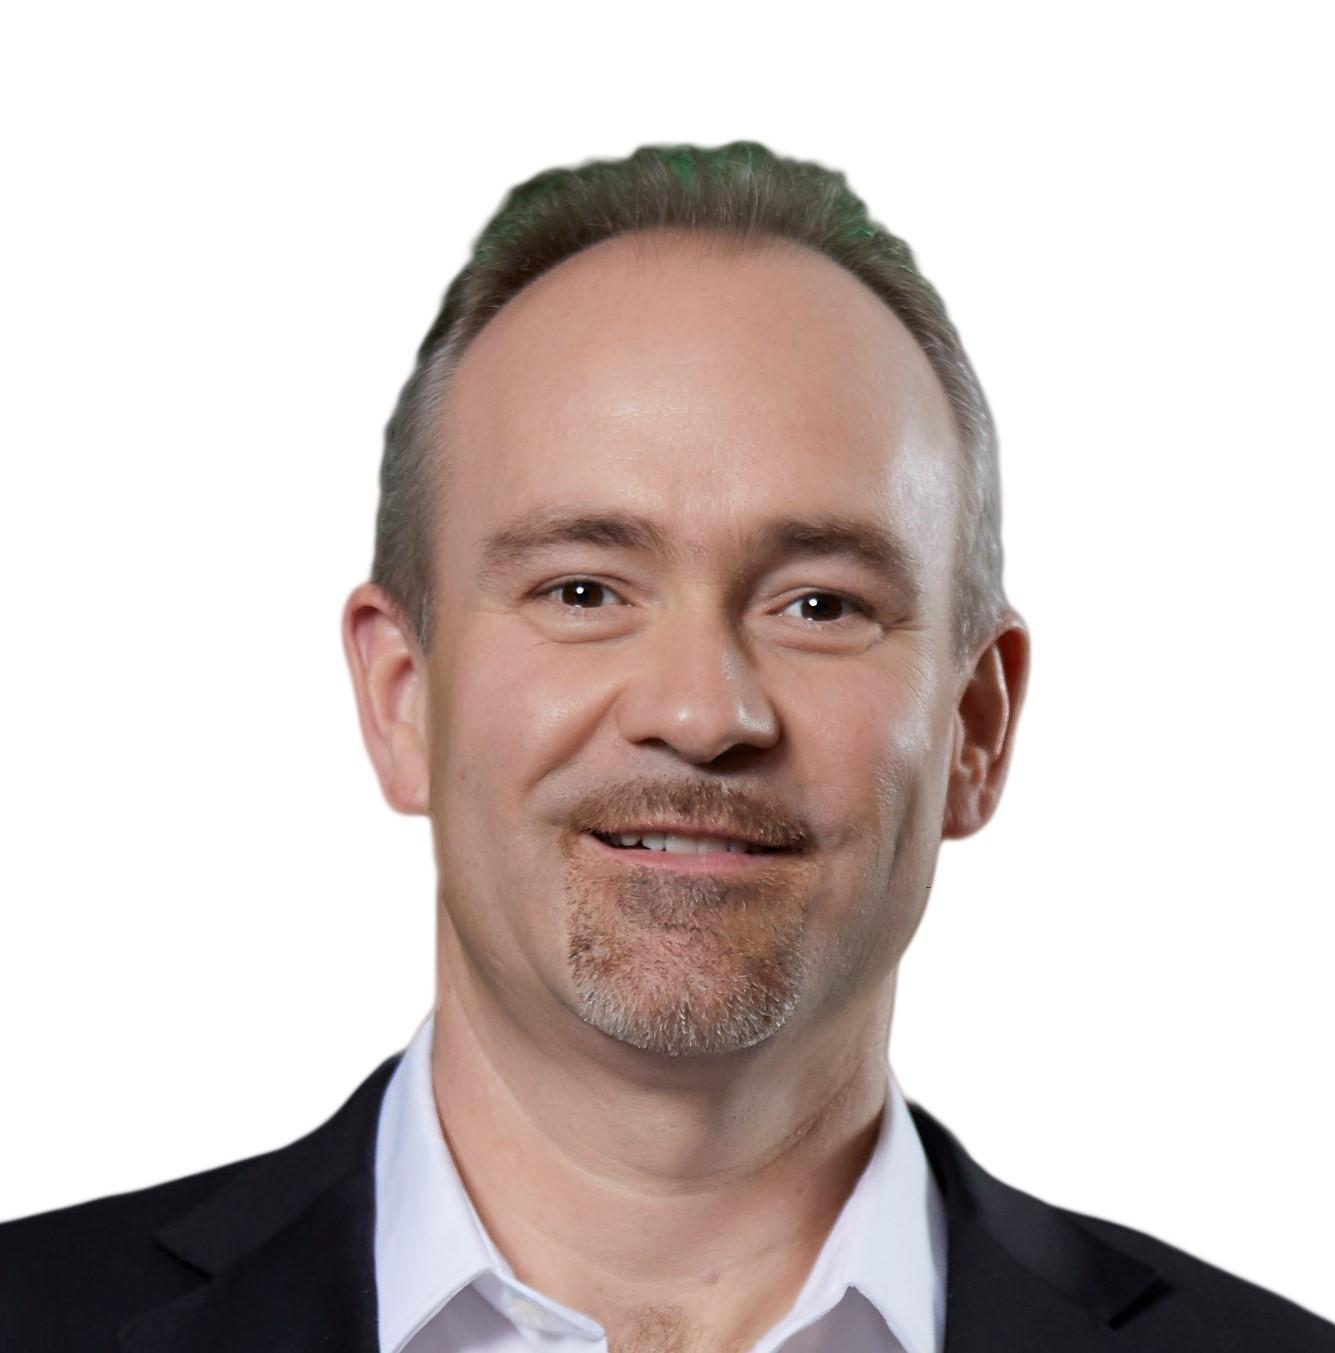 Stephane Charbonneau